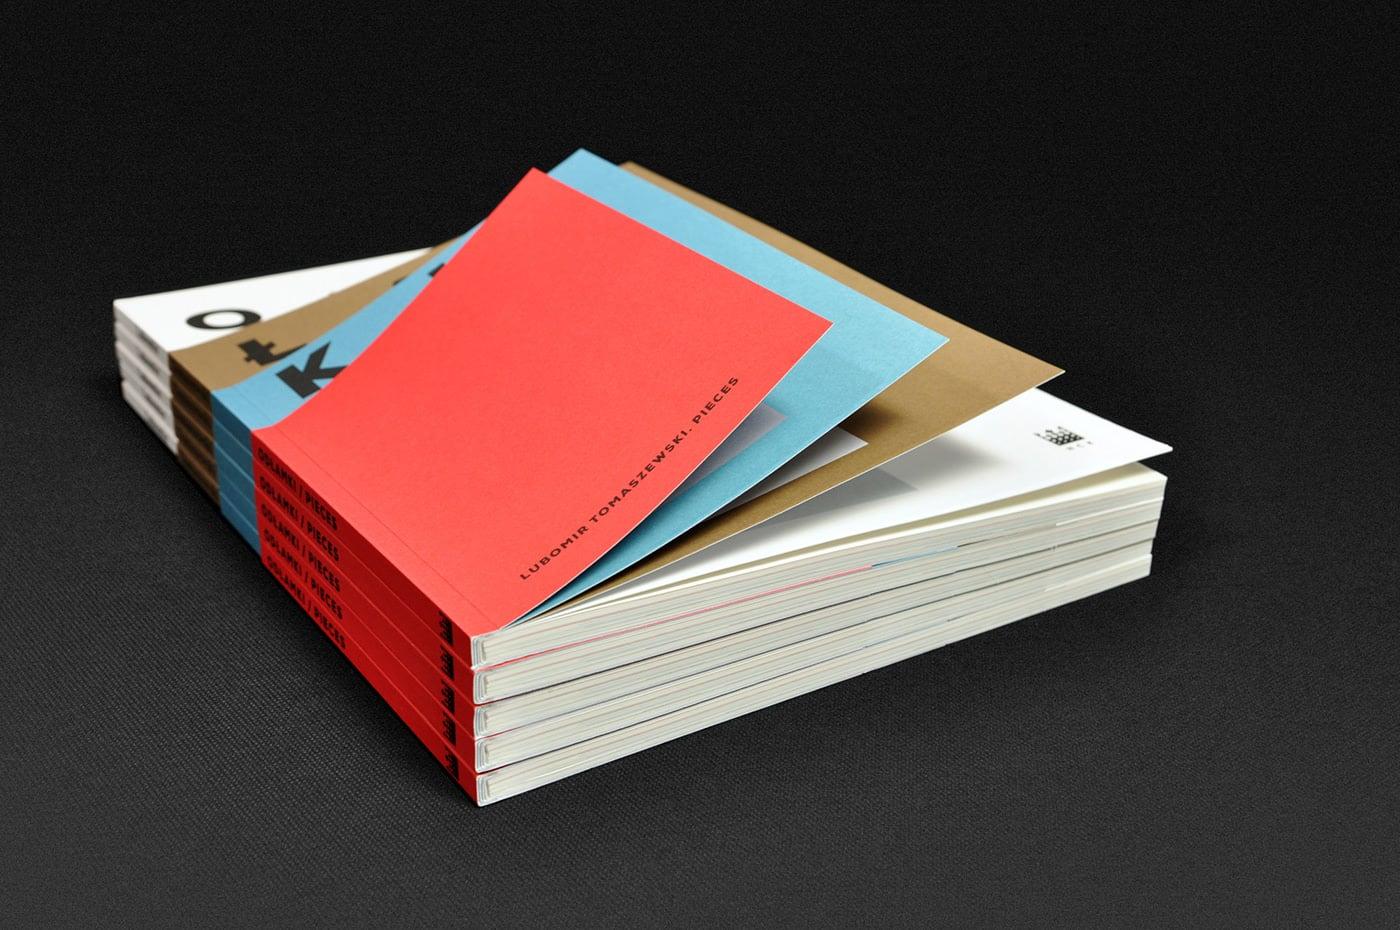 Editorial Design for Lubomir Toaszewski Exhibit